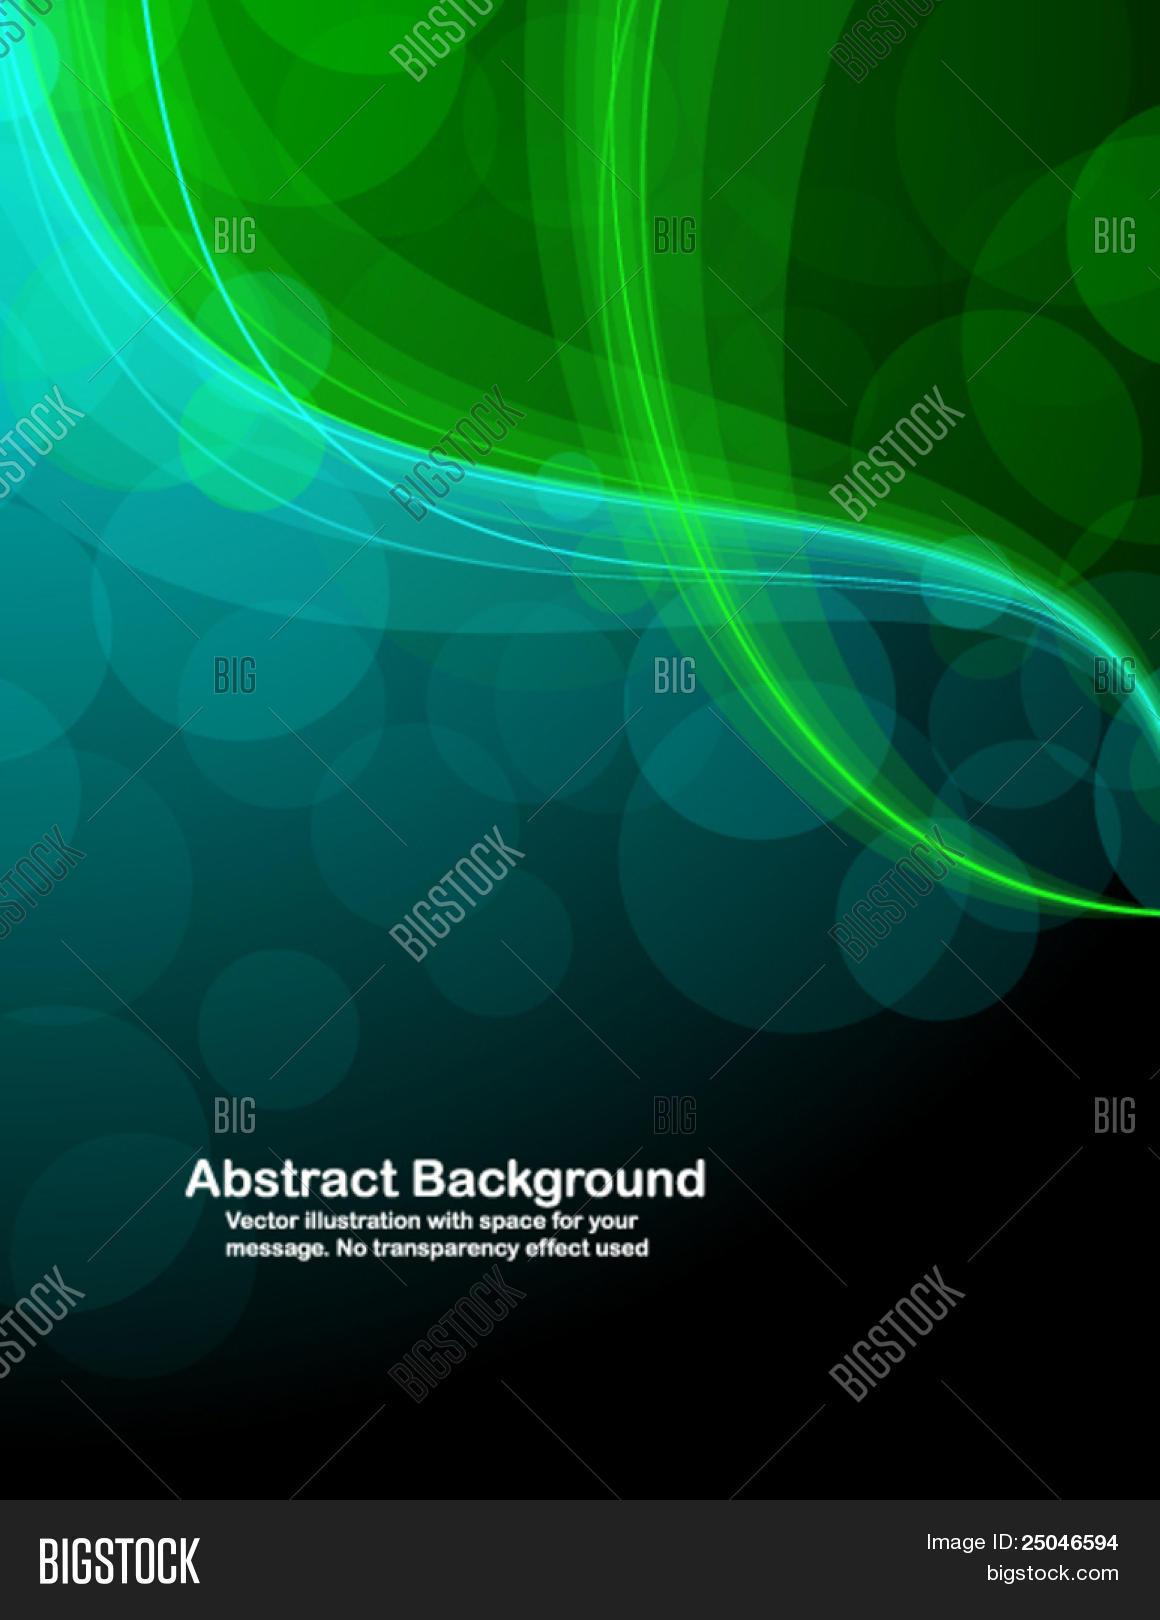 Foto E Immagine Vettoriale A Tema Prova Gratuita Bigstock